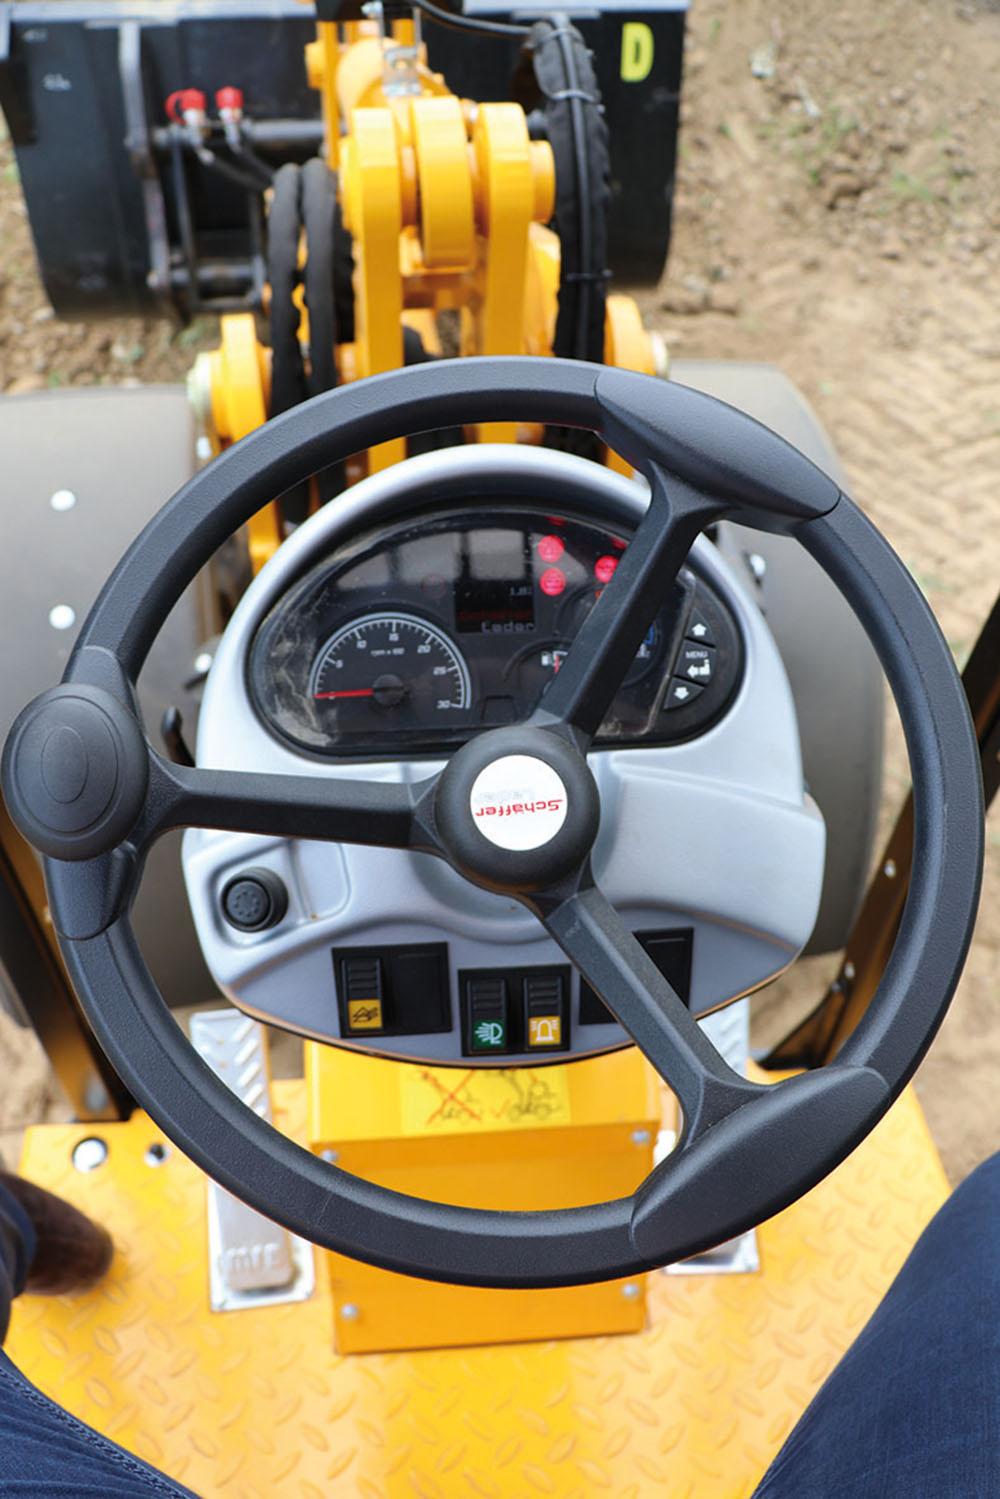 De combi van Duitse Gruendlichkeit en focus op service staan garant voor succes - Agri Trader test - (7)